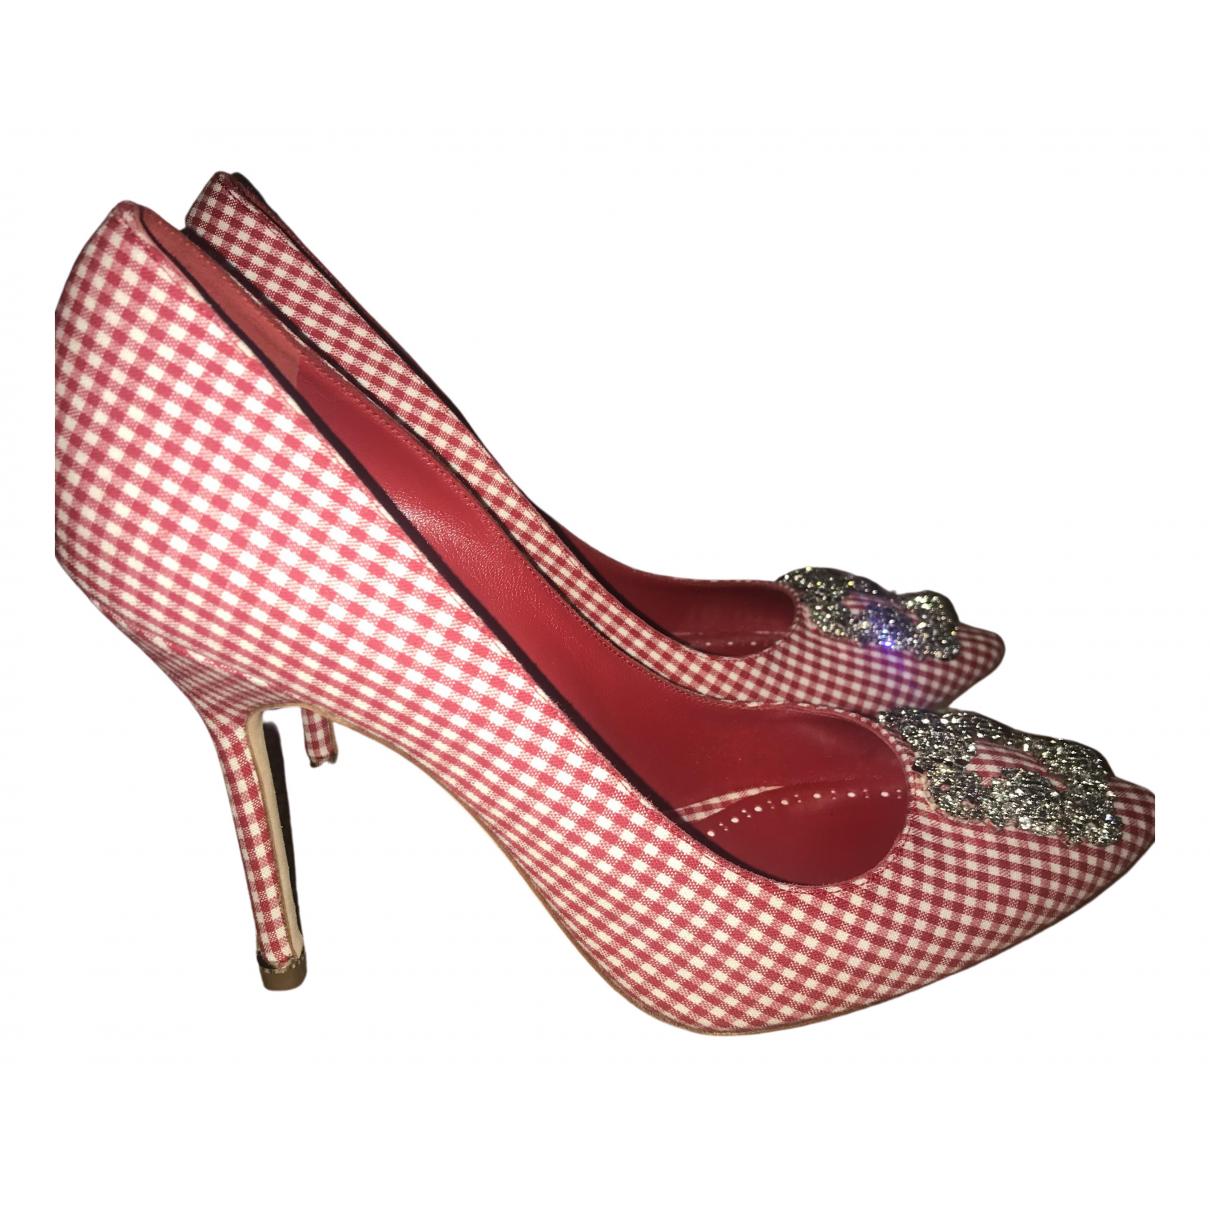 Manolo Blahnik - Escarpins Hangisi pour femme en toile - rouge